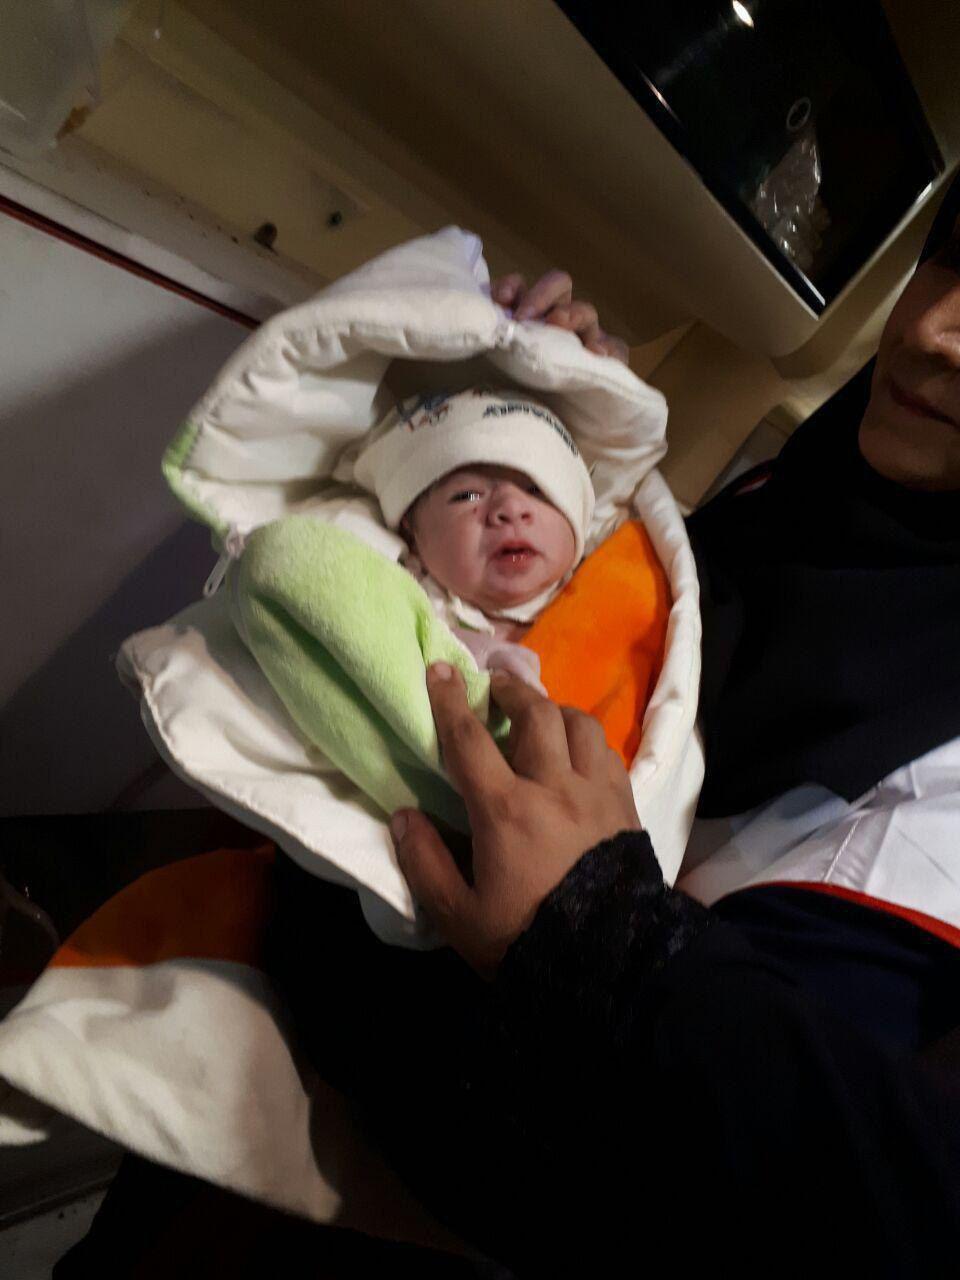 تولد یک نوزاد در مناطق زلزلهزده (عکس)